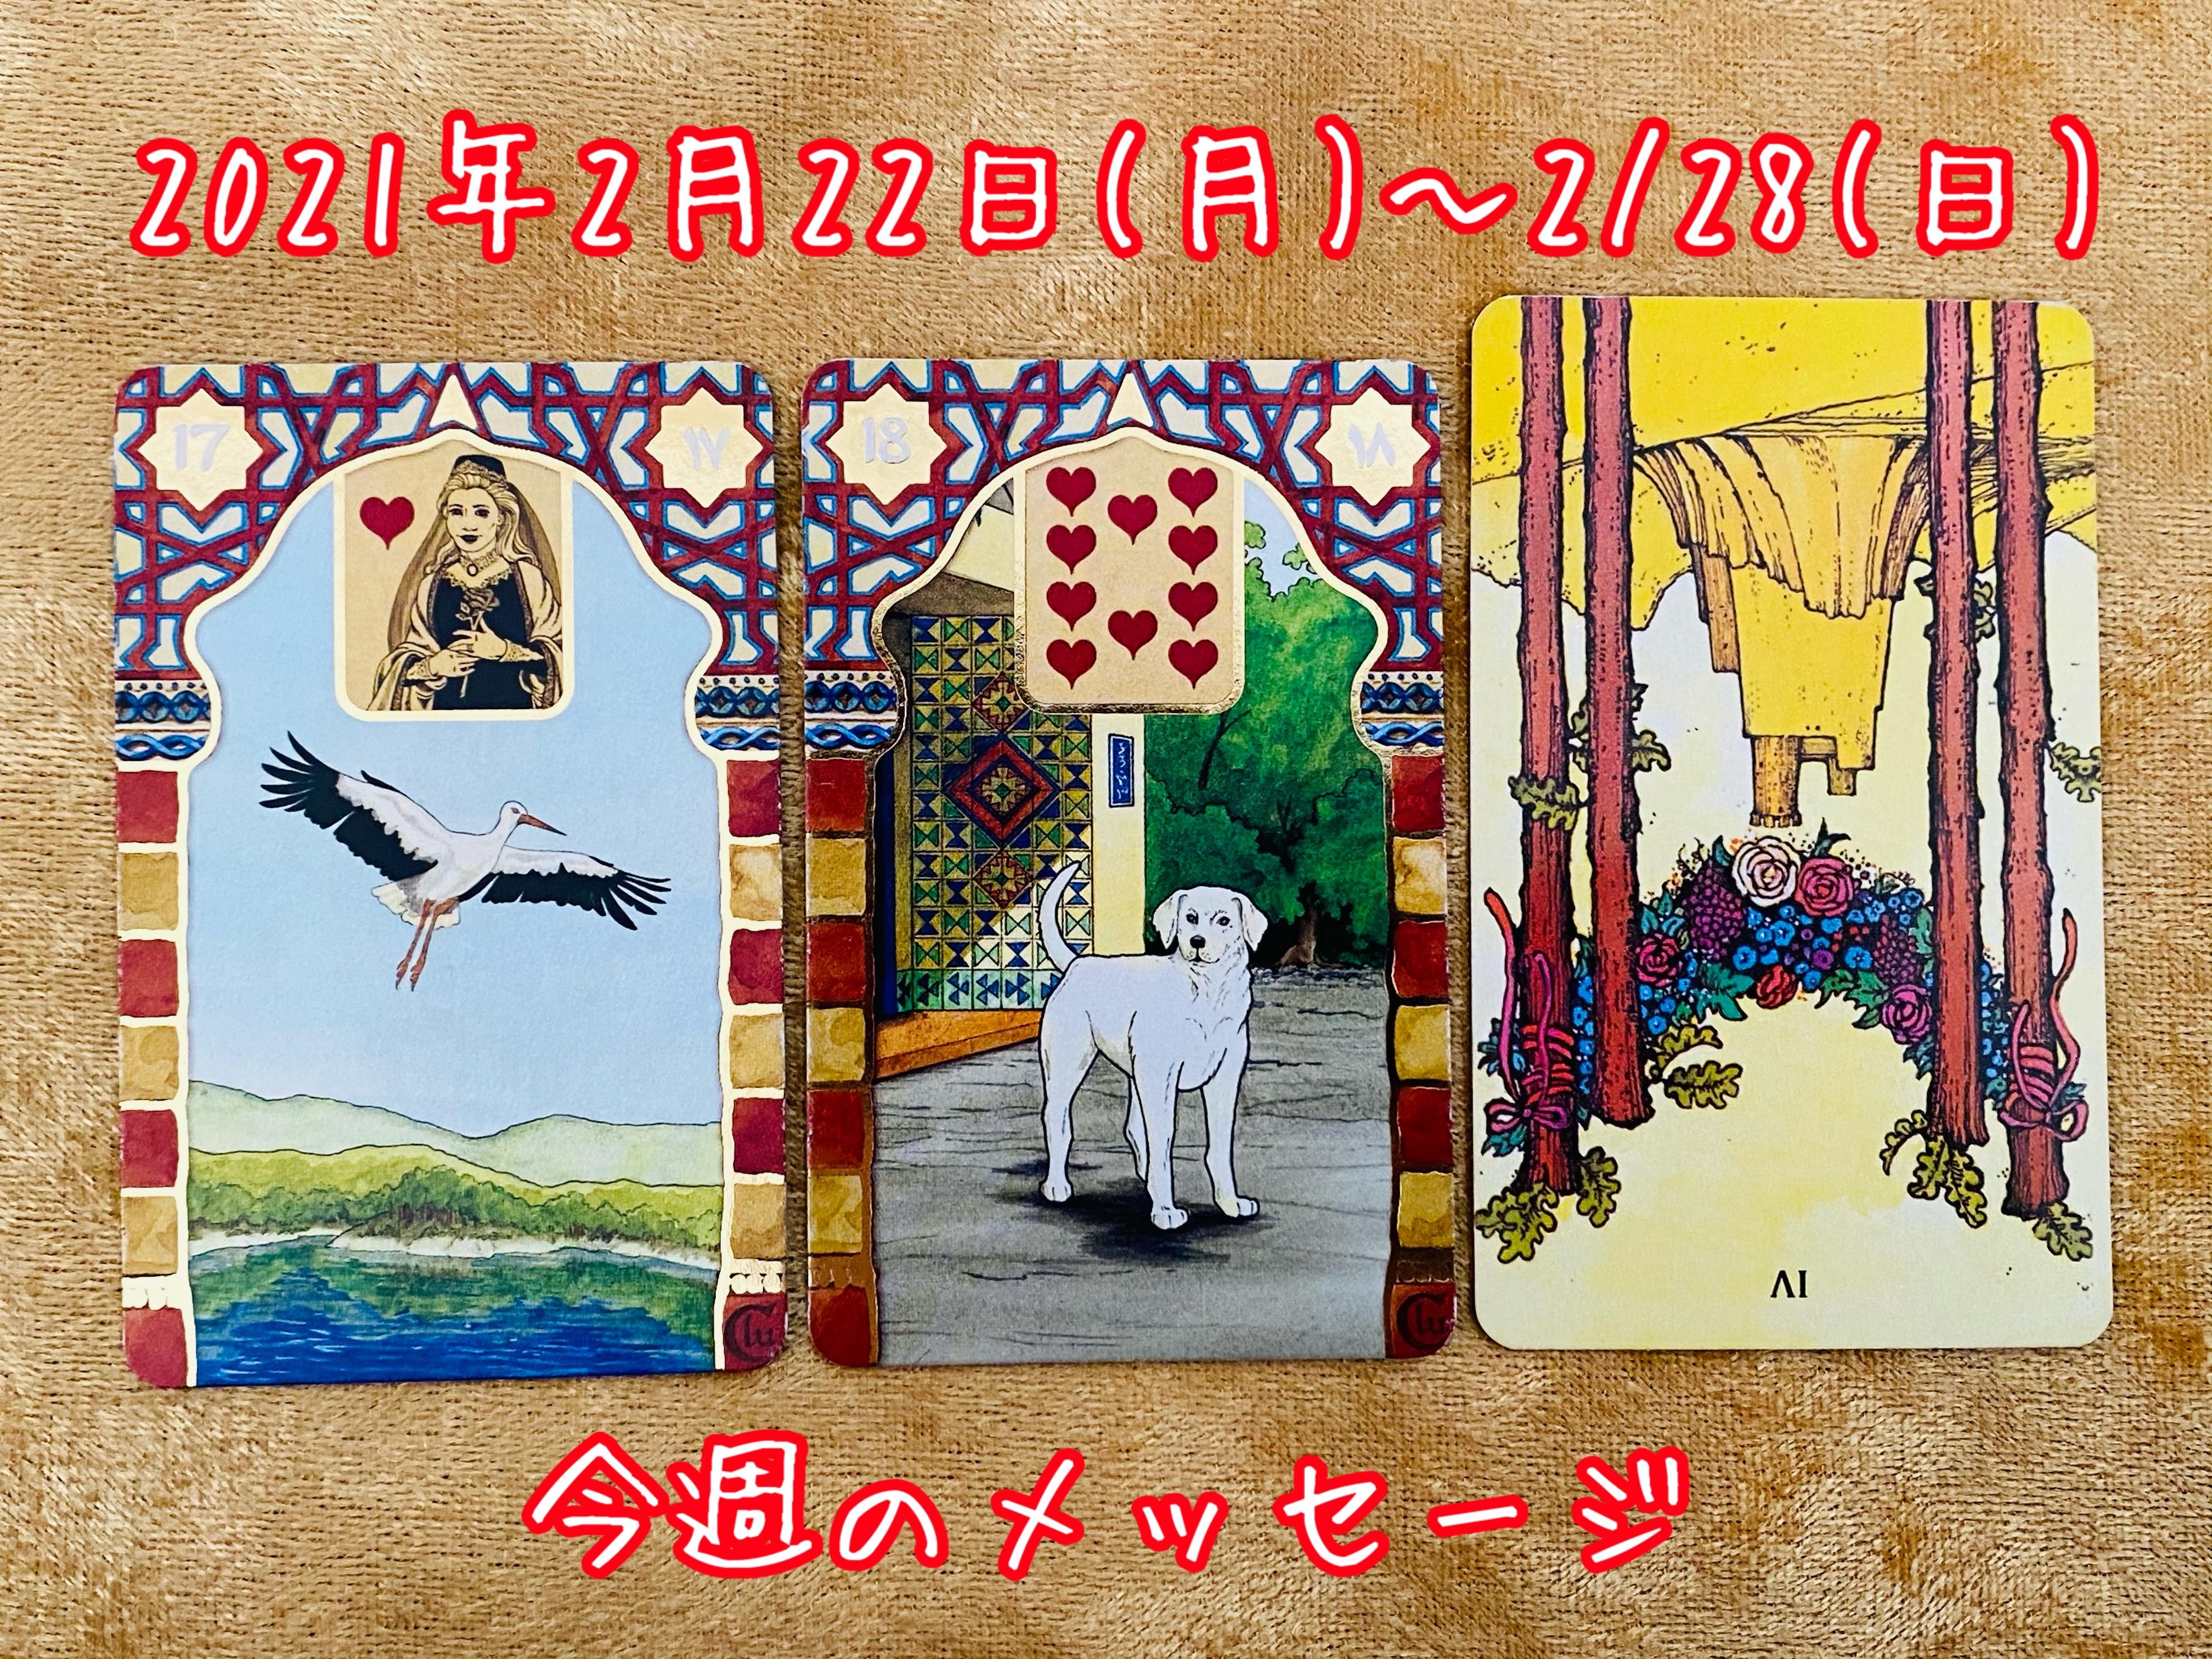 f:id:hana_su-hi:20210221185322j:image